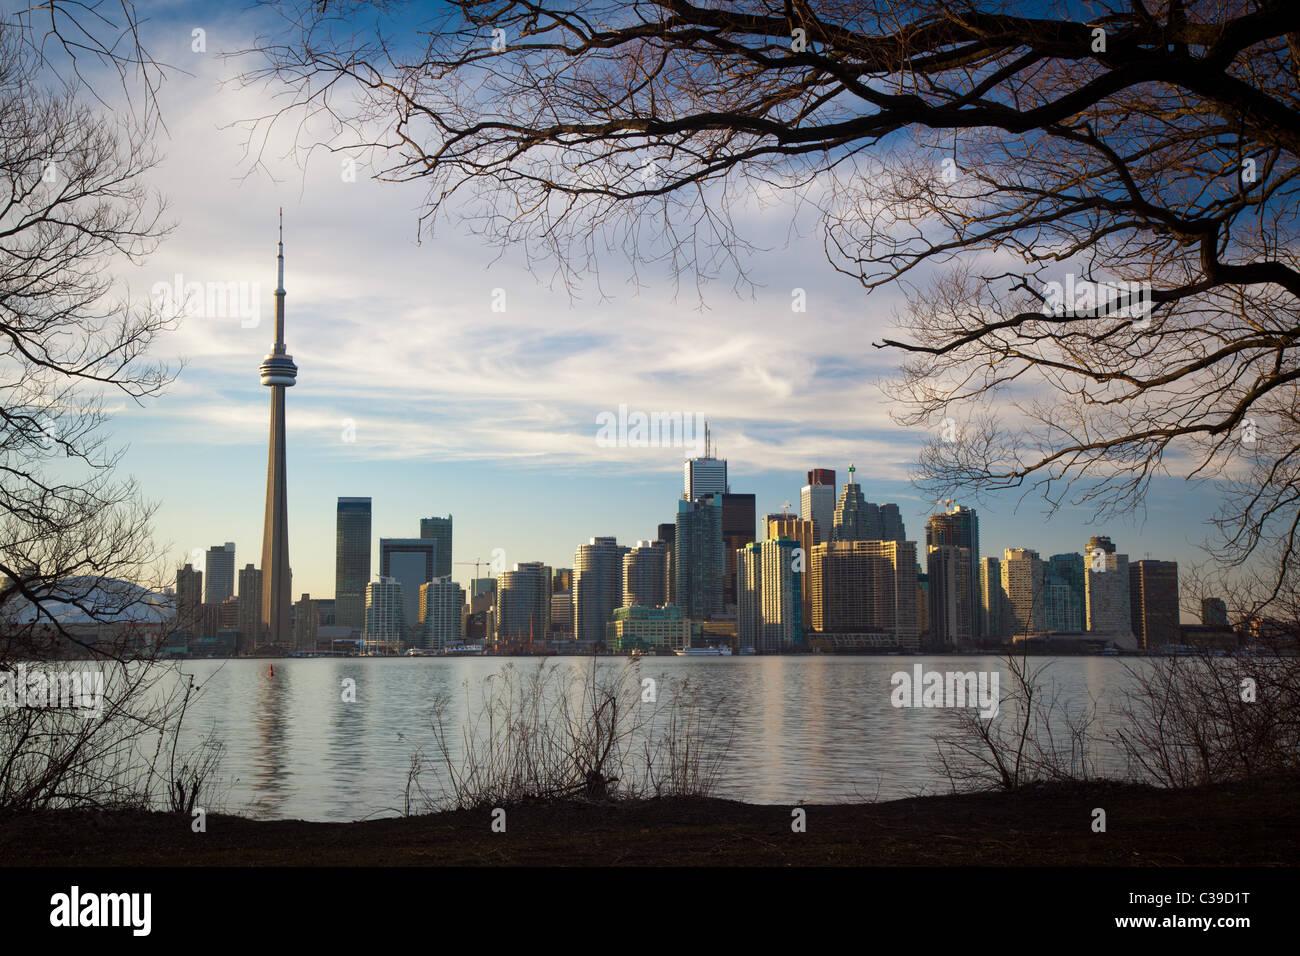 El centro de Toronto skyline, incluyendo la Torre CN y el Centro Rogers, como se ve en la tarde desde el centro Imagen De Stock